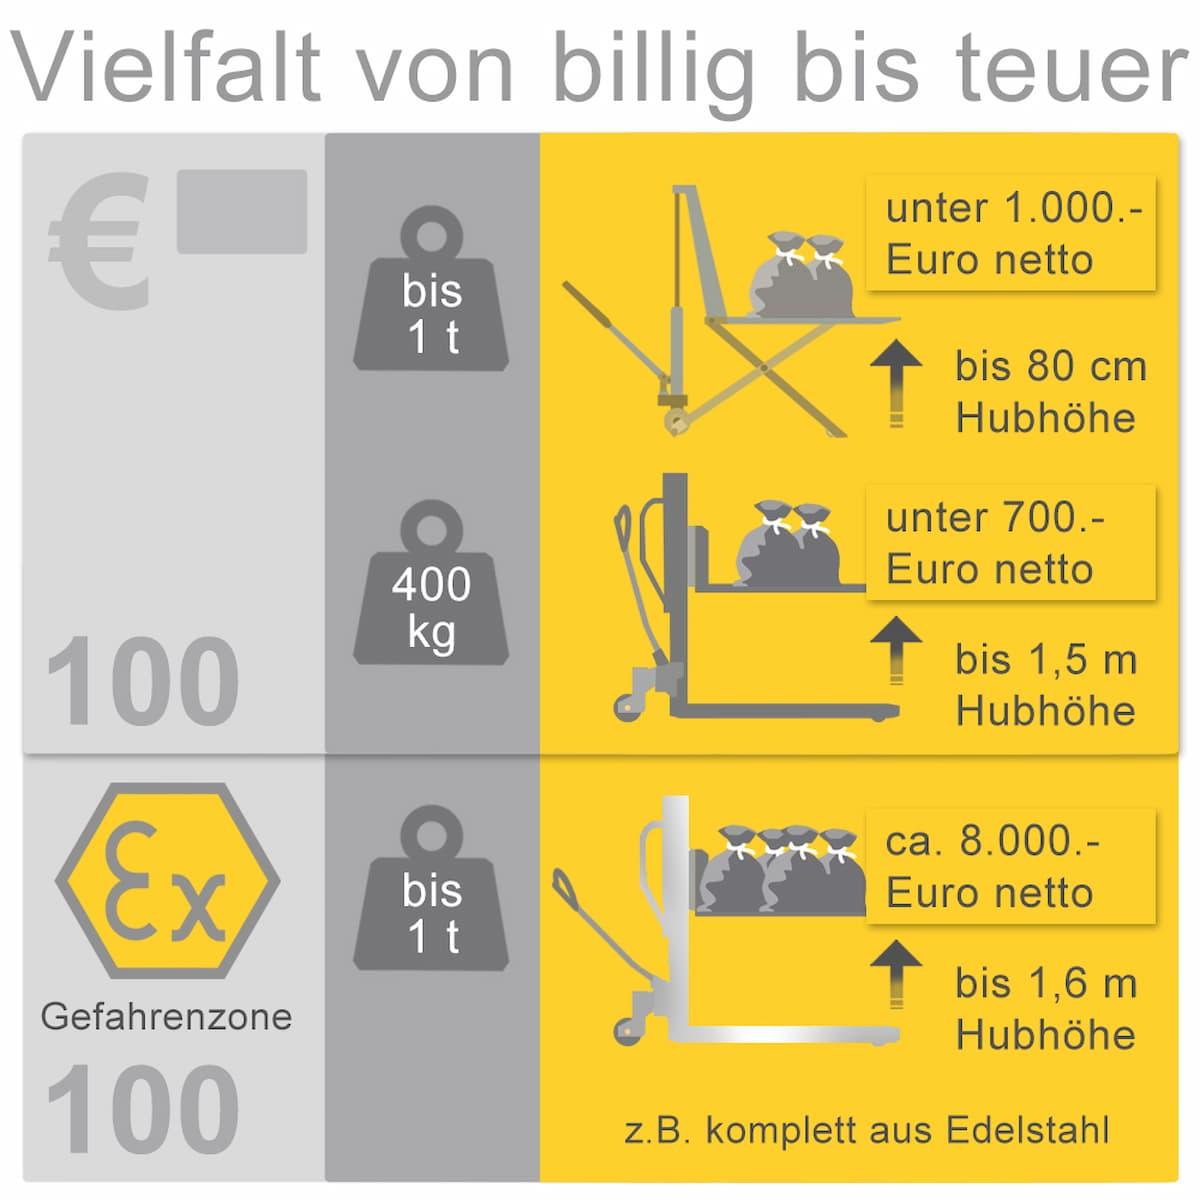 Hand-Miitelhubwagen und Hand-Hochhubwagen: Preise und Kosten